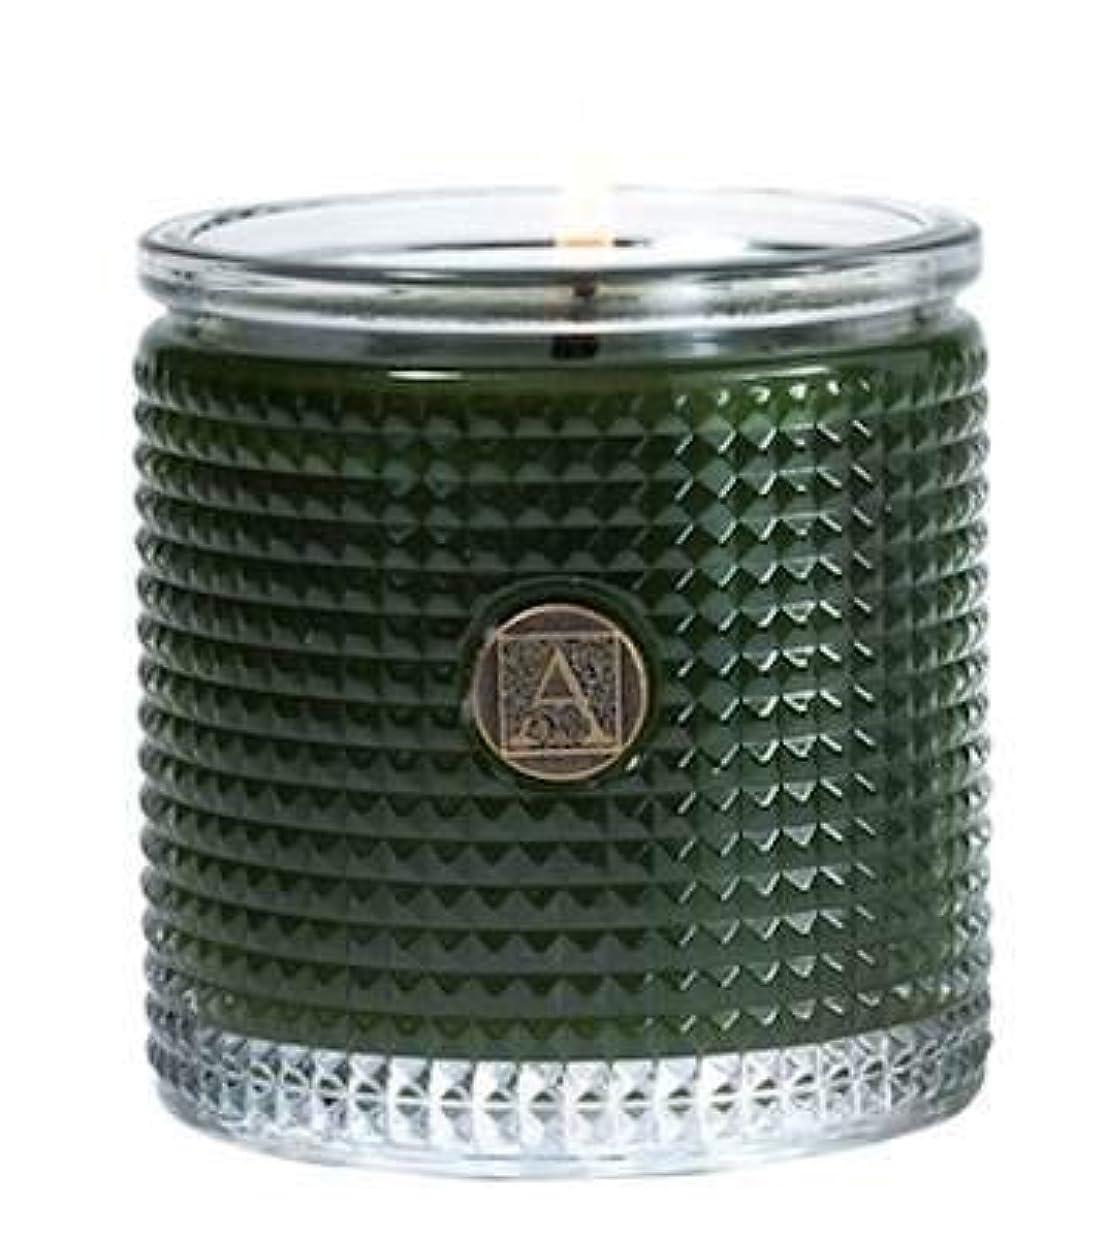 遵守する剛性ファンSmell of theツリーTextured Glass Candle、5.5 Oz by Aromatique